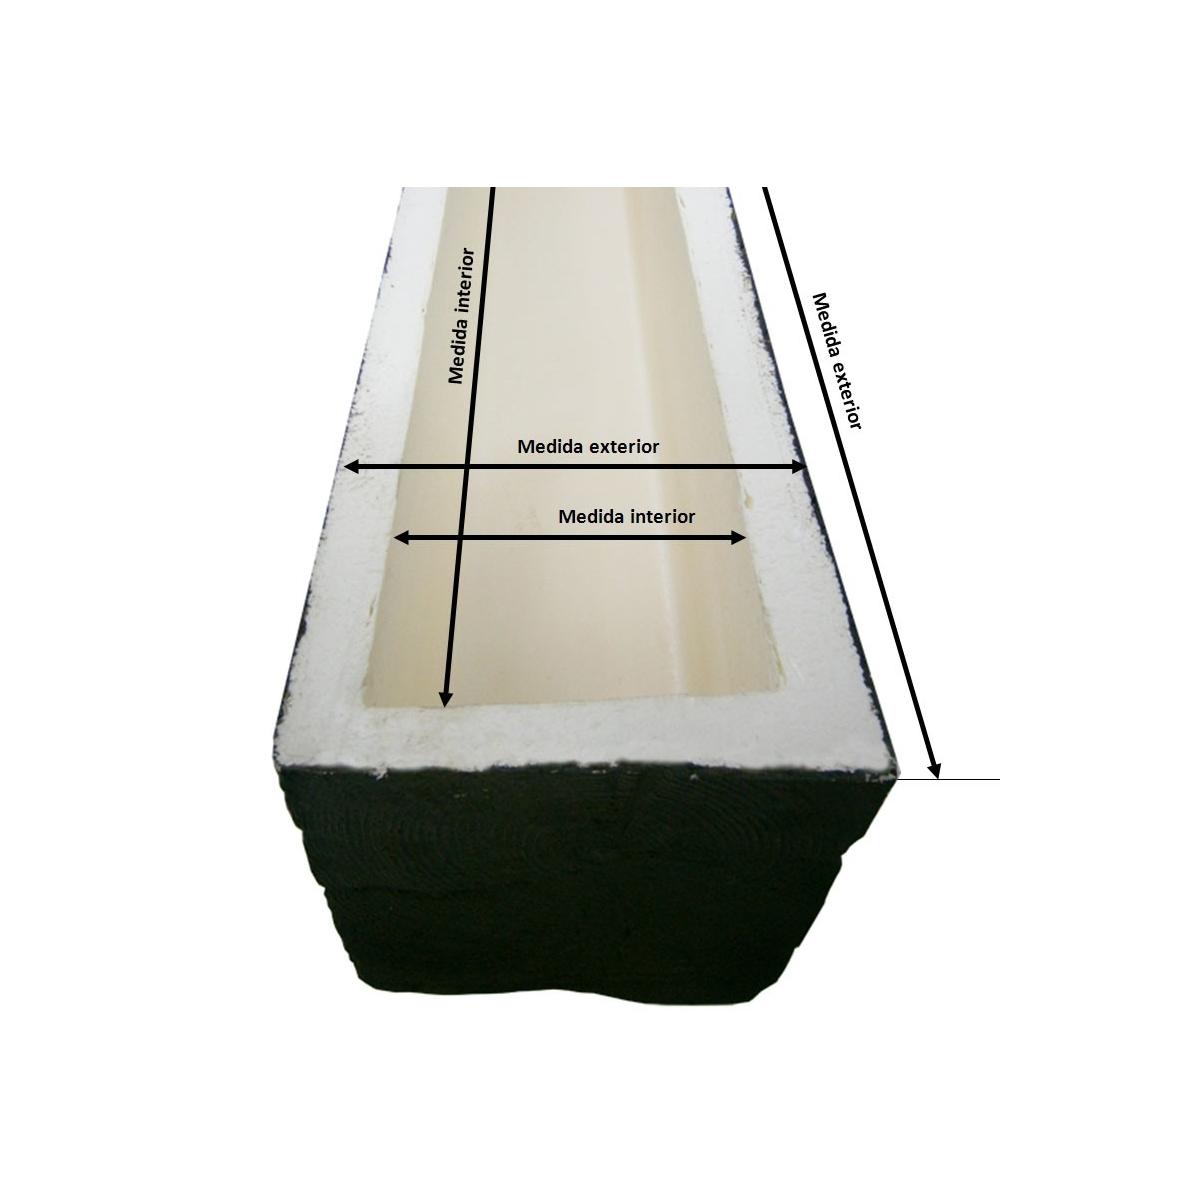 Viga imitación a madera 300x22,5x17,5 Grupo Unamacor Vigas imitación madera cuadradas